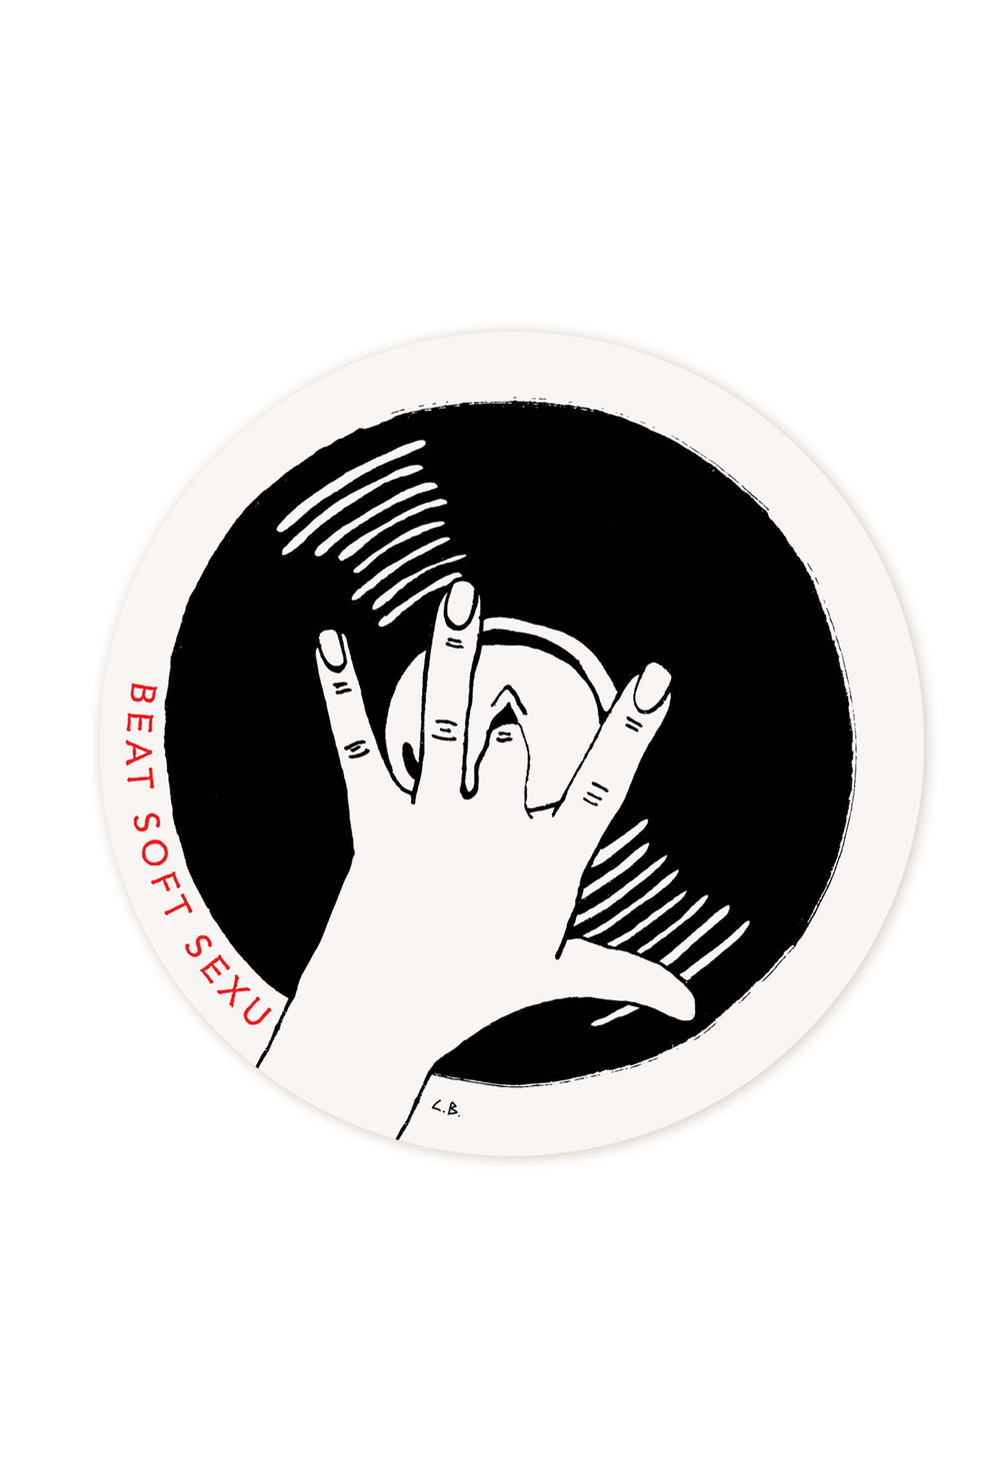 Image of Beat soft sexu Sticker